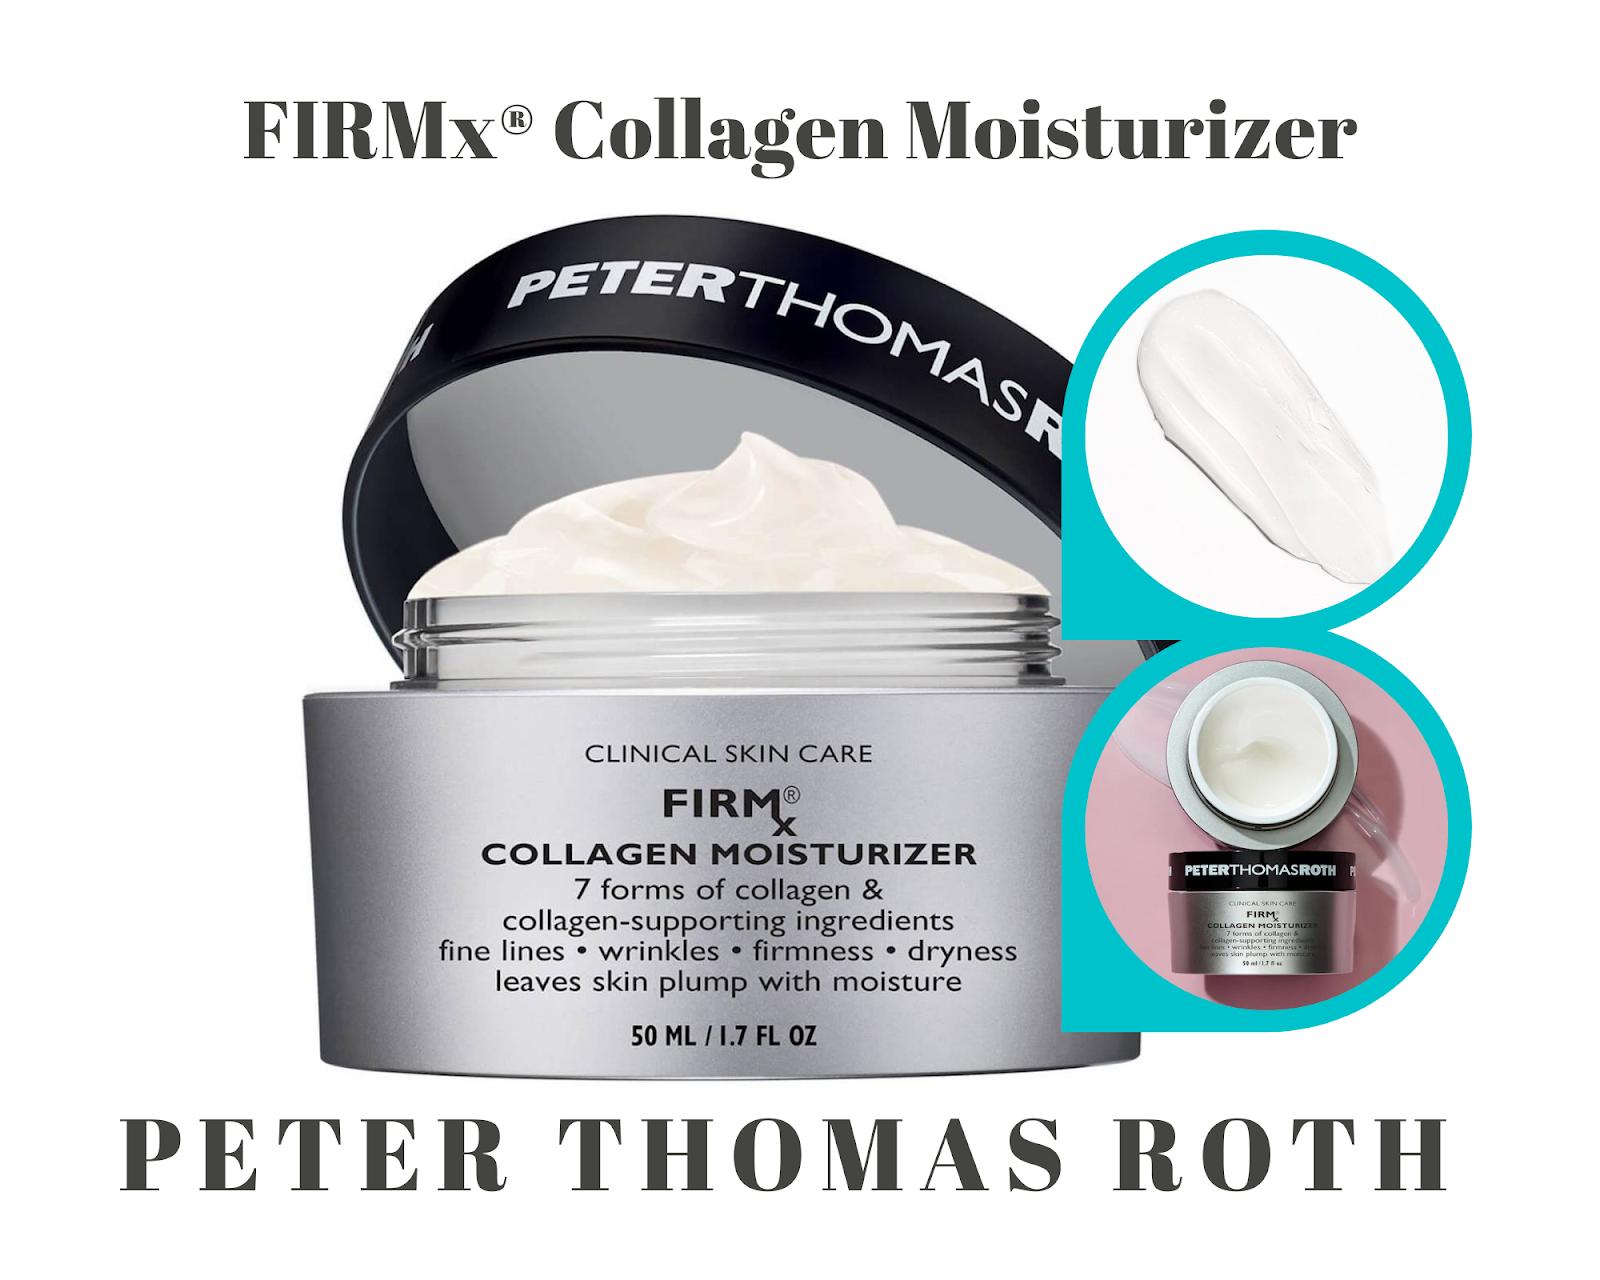 4. Peter Thomas Roth FIRMx® Collagen Moisturizer